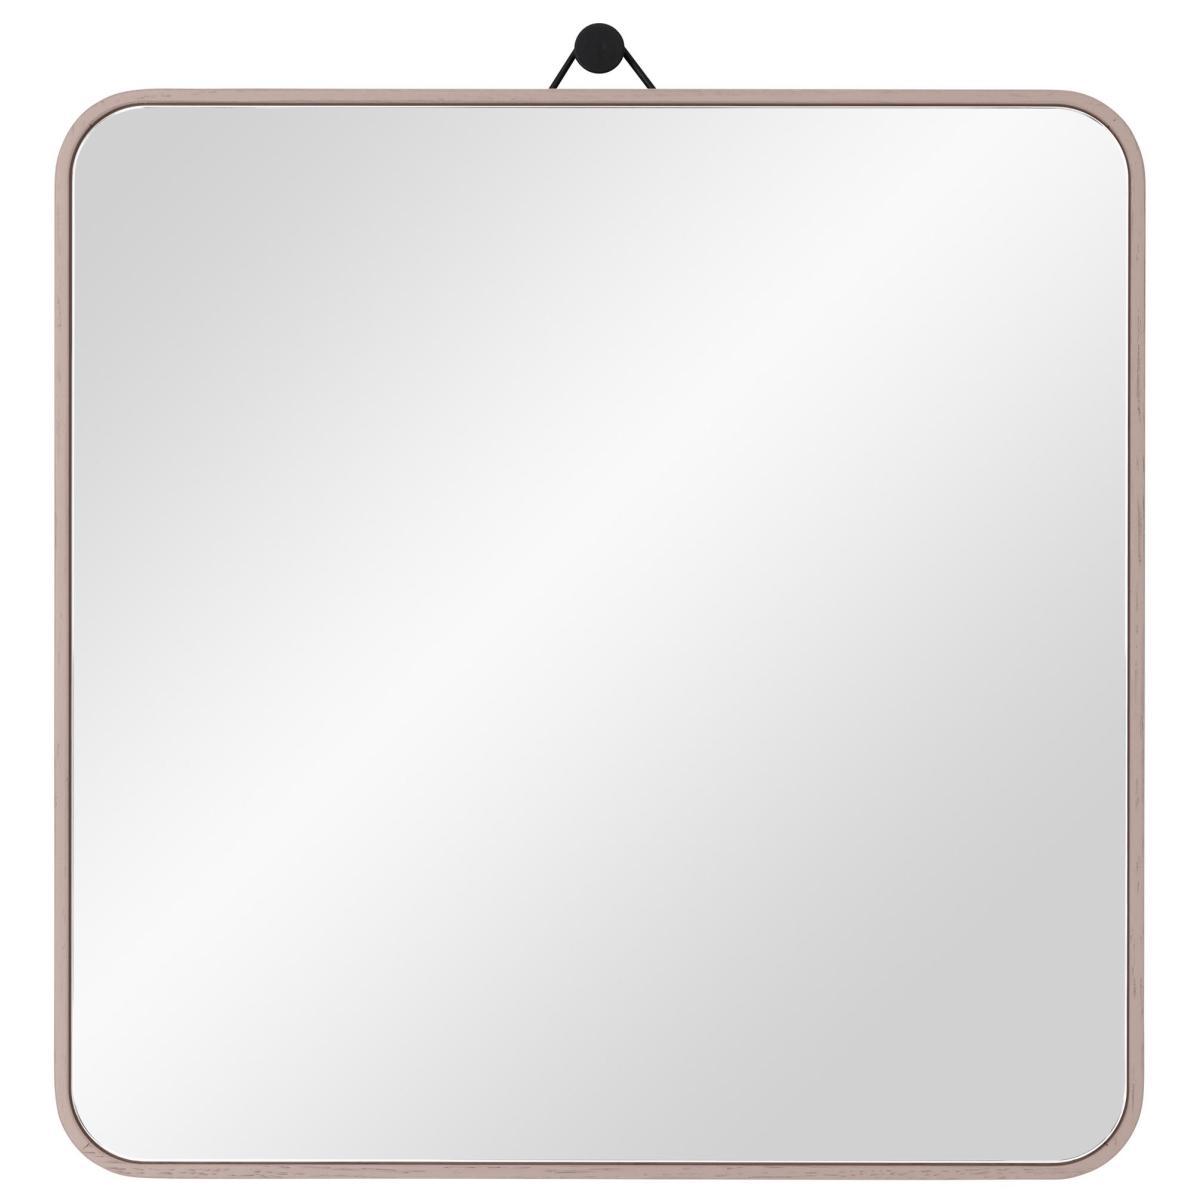 VIEW Spiegel 30 x 30 cm Eiche kieselstein